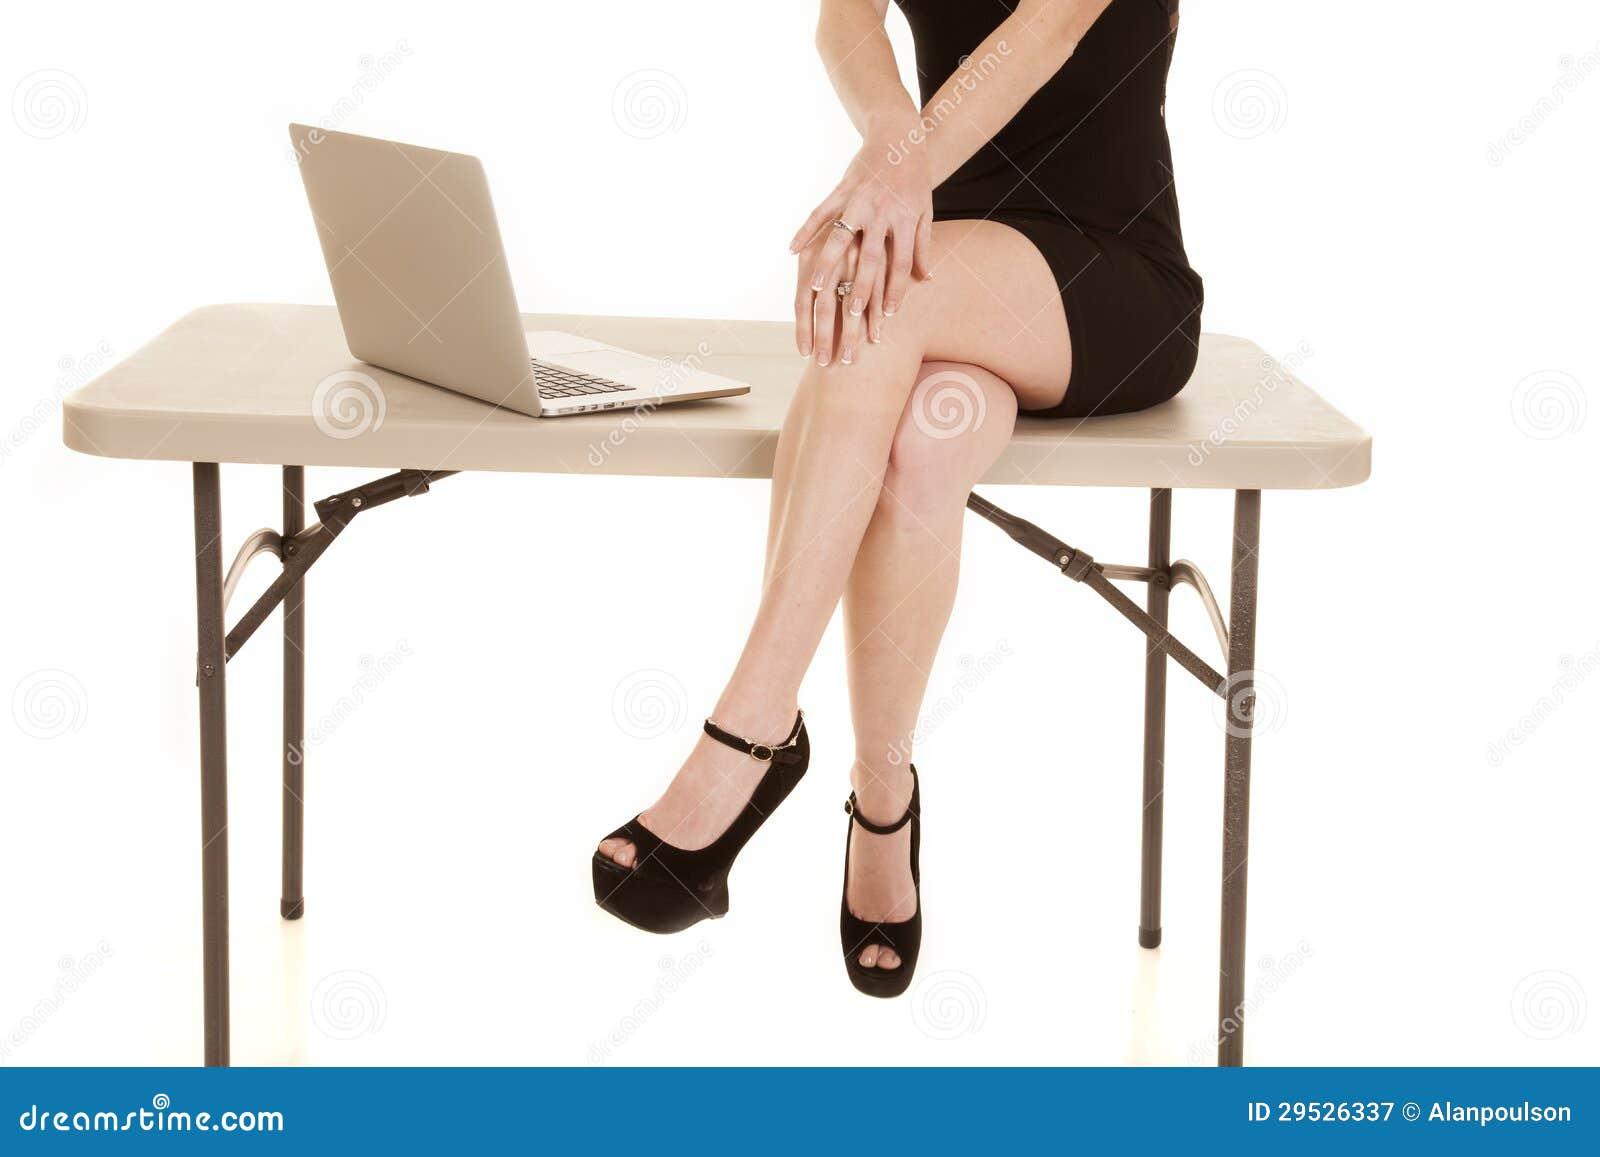 Тело и ноги женщины сидят компьютер таблицы